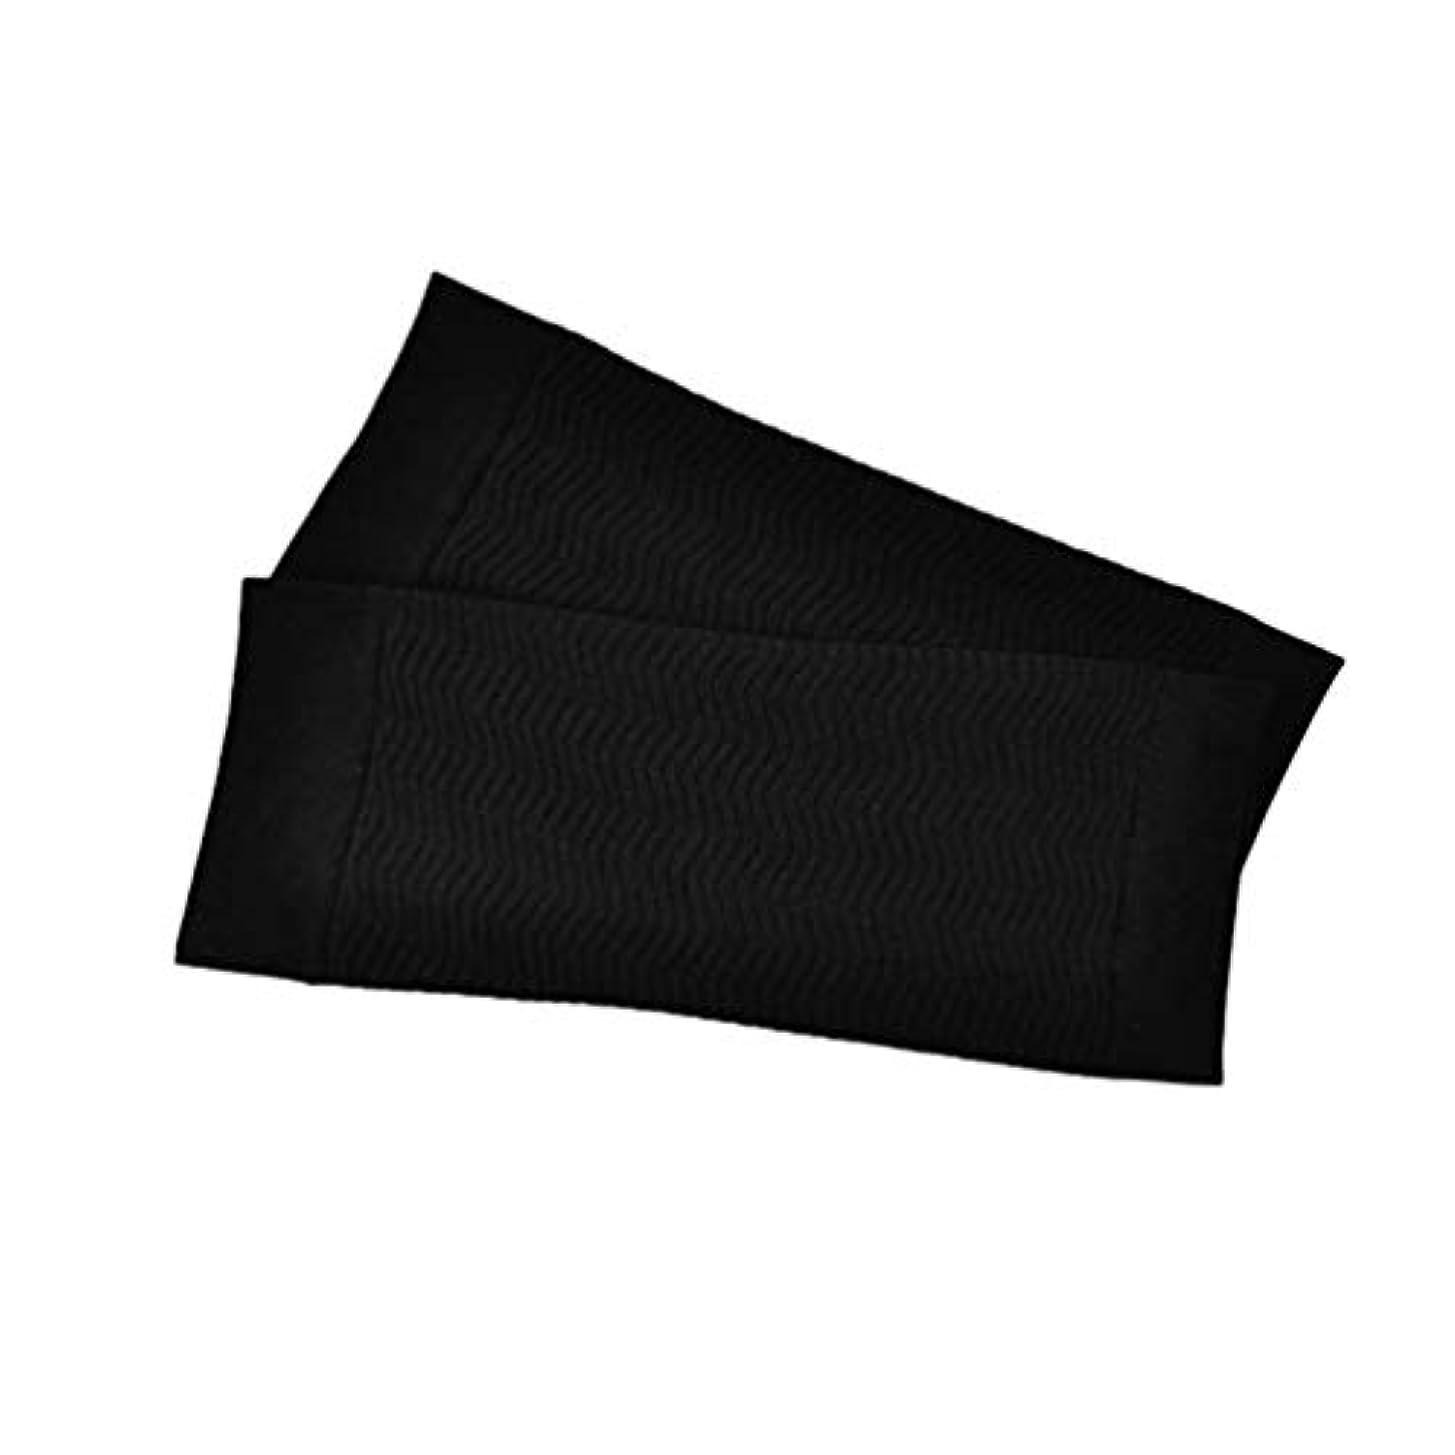 調停する寝てる進捗1ペア680 D圧縮アームシェイパーワークアウトトーニングバーンセルライトスリミングアームスリーブ脂肪燃焼半袖用女性 - ブラック